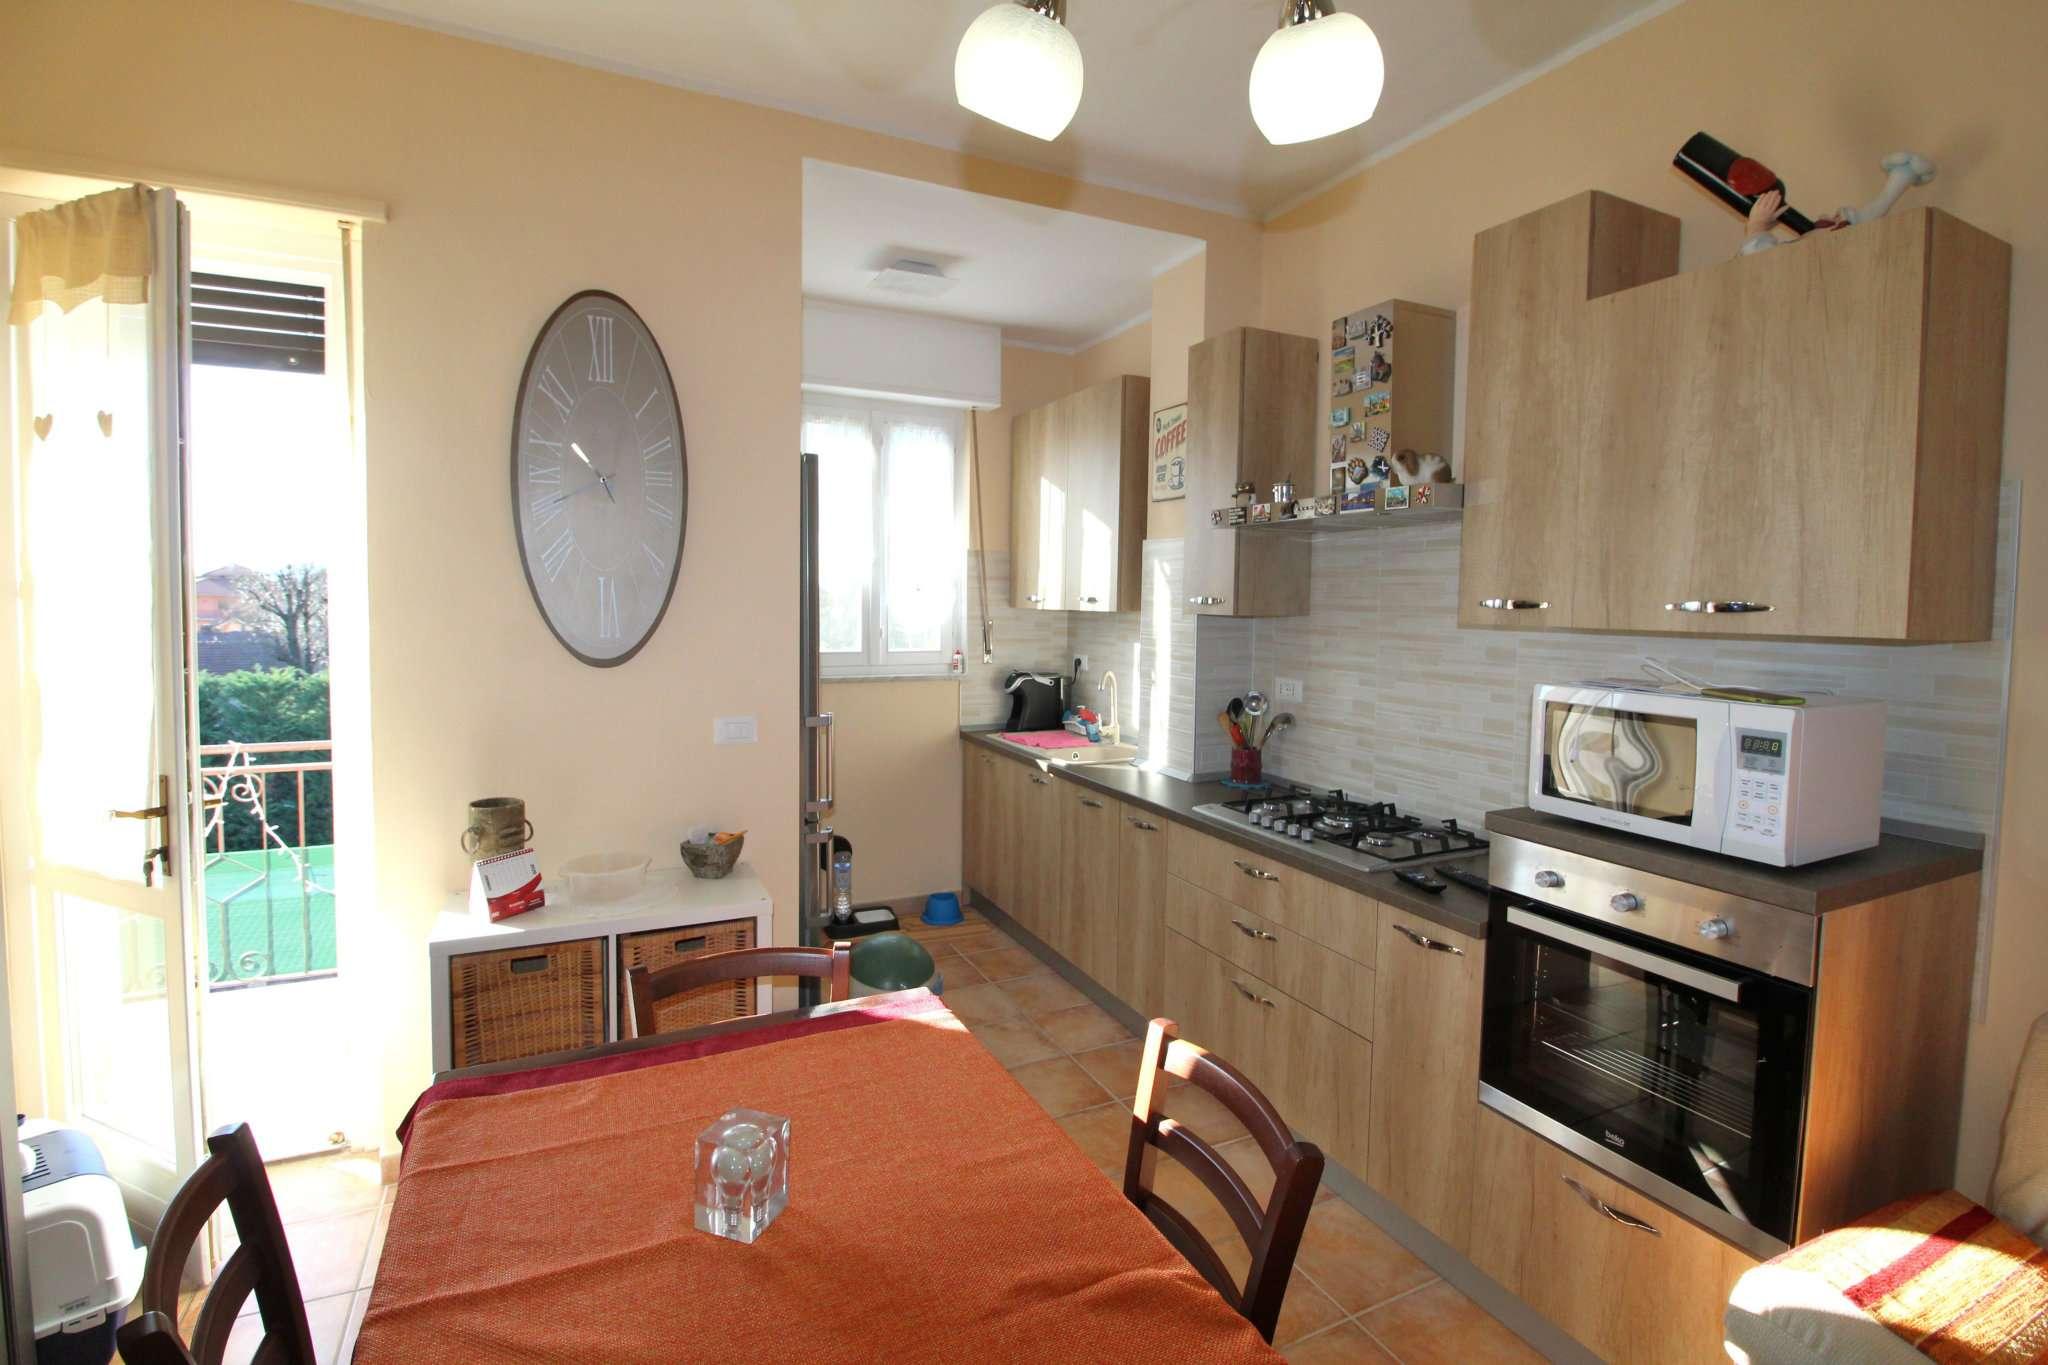 Appartamento in vendita a Candiolo, 3 locali, prezzo € 118.000 | CambioCasa.it